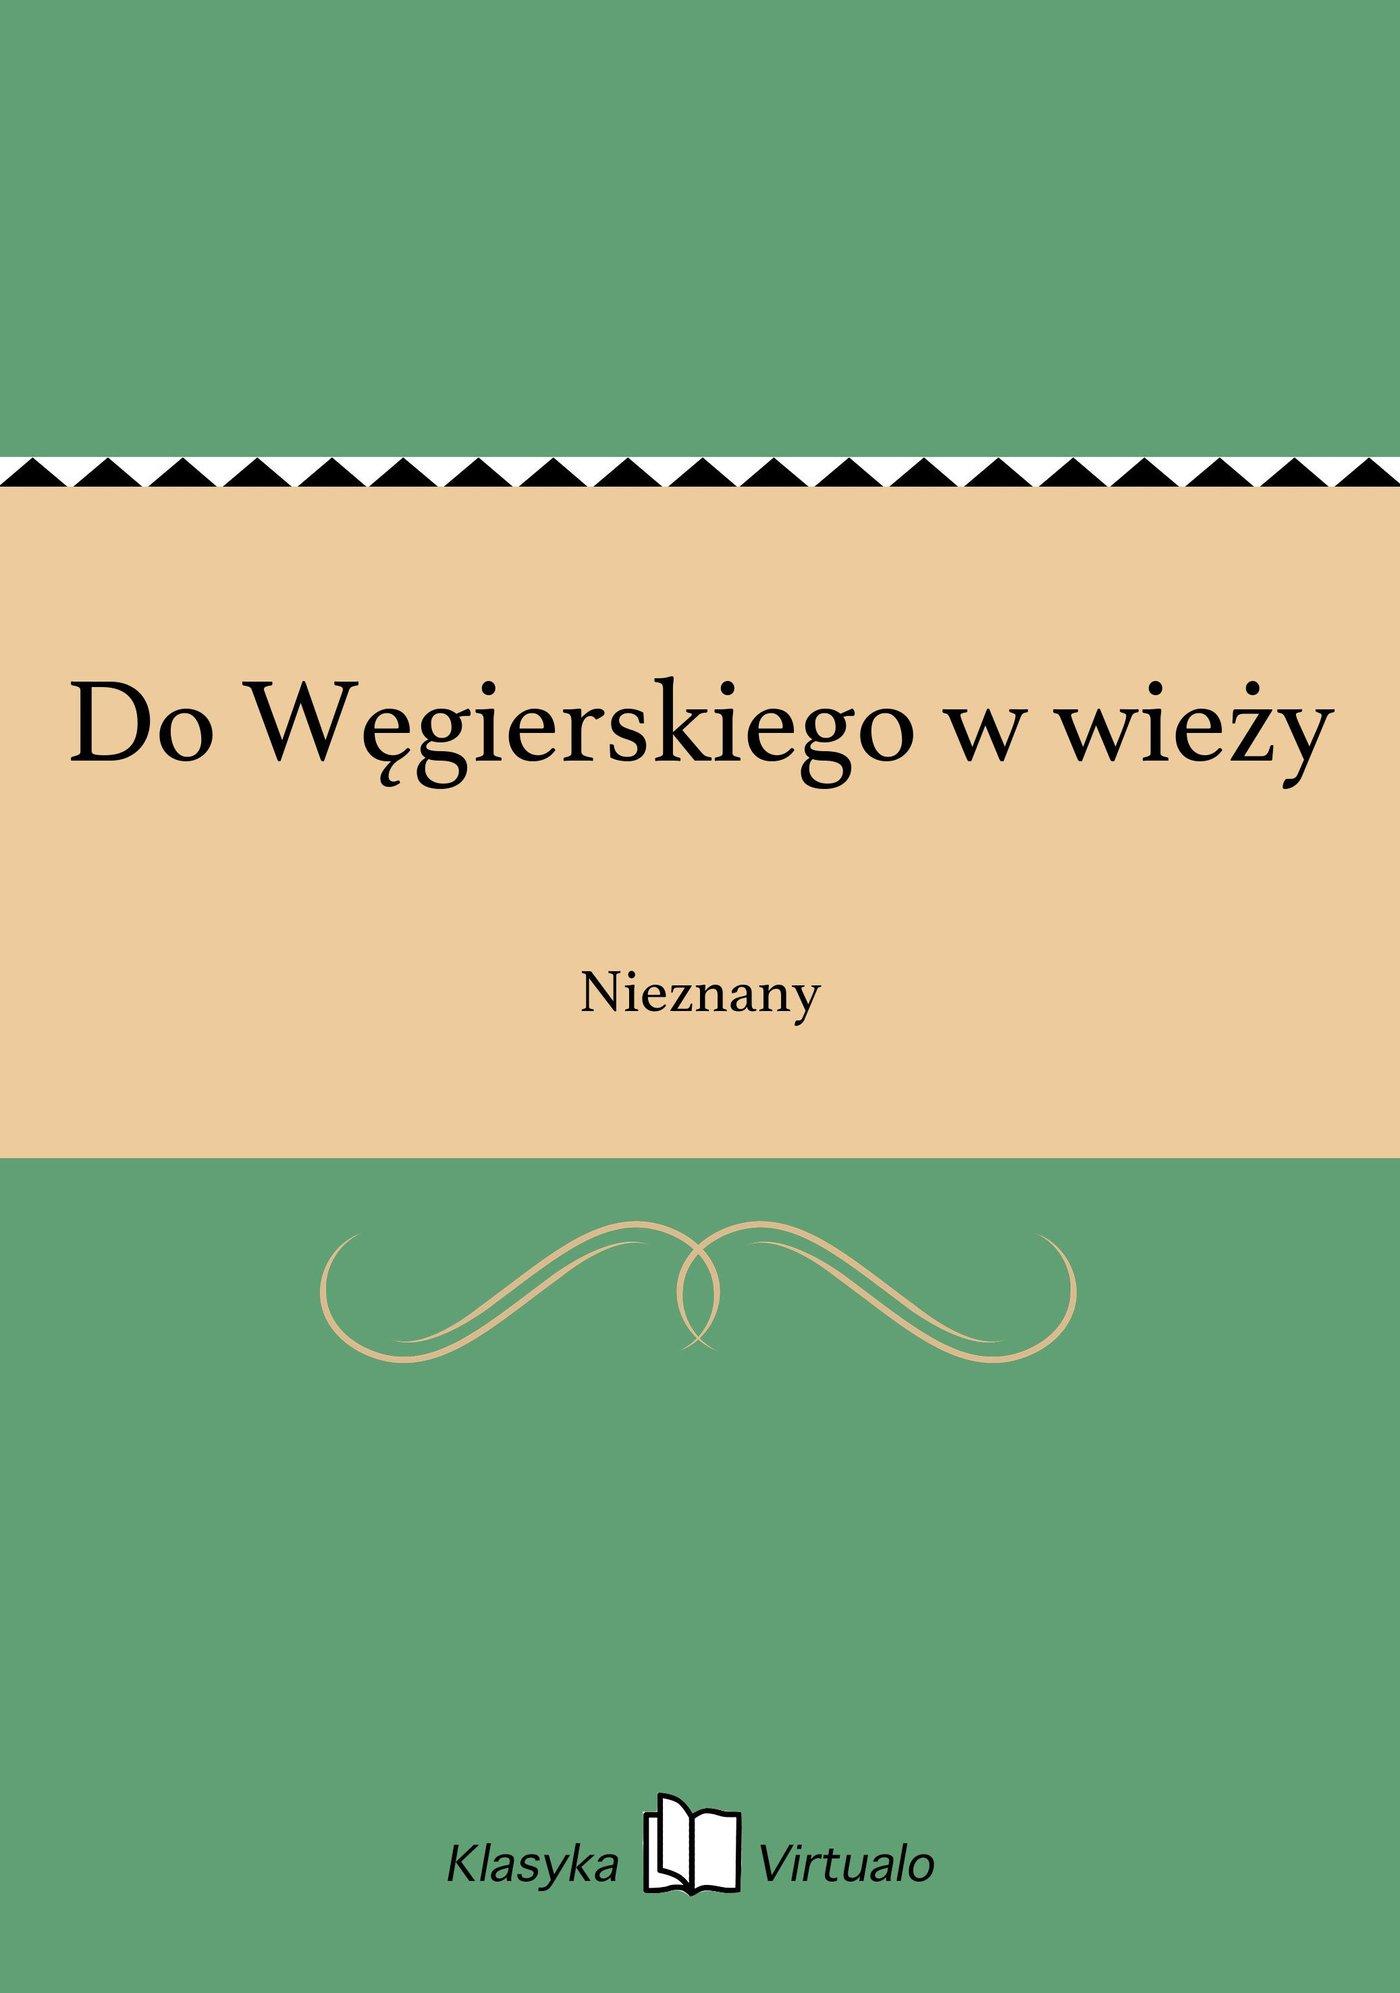 Do Węgierskiego w wieży - Ebook (Książka EPUB) do pobrania w formacie EPUB